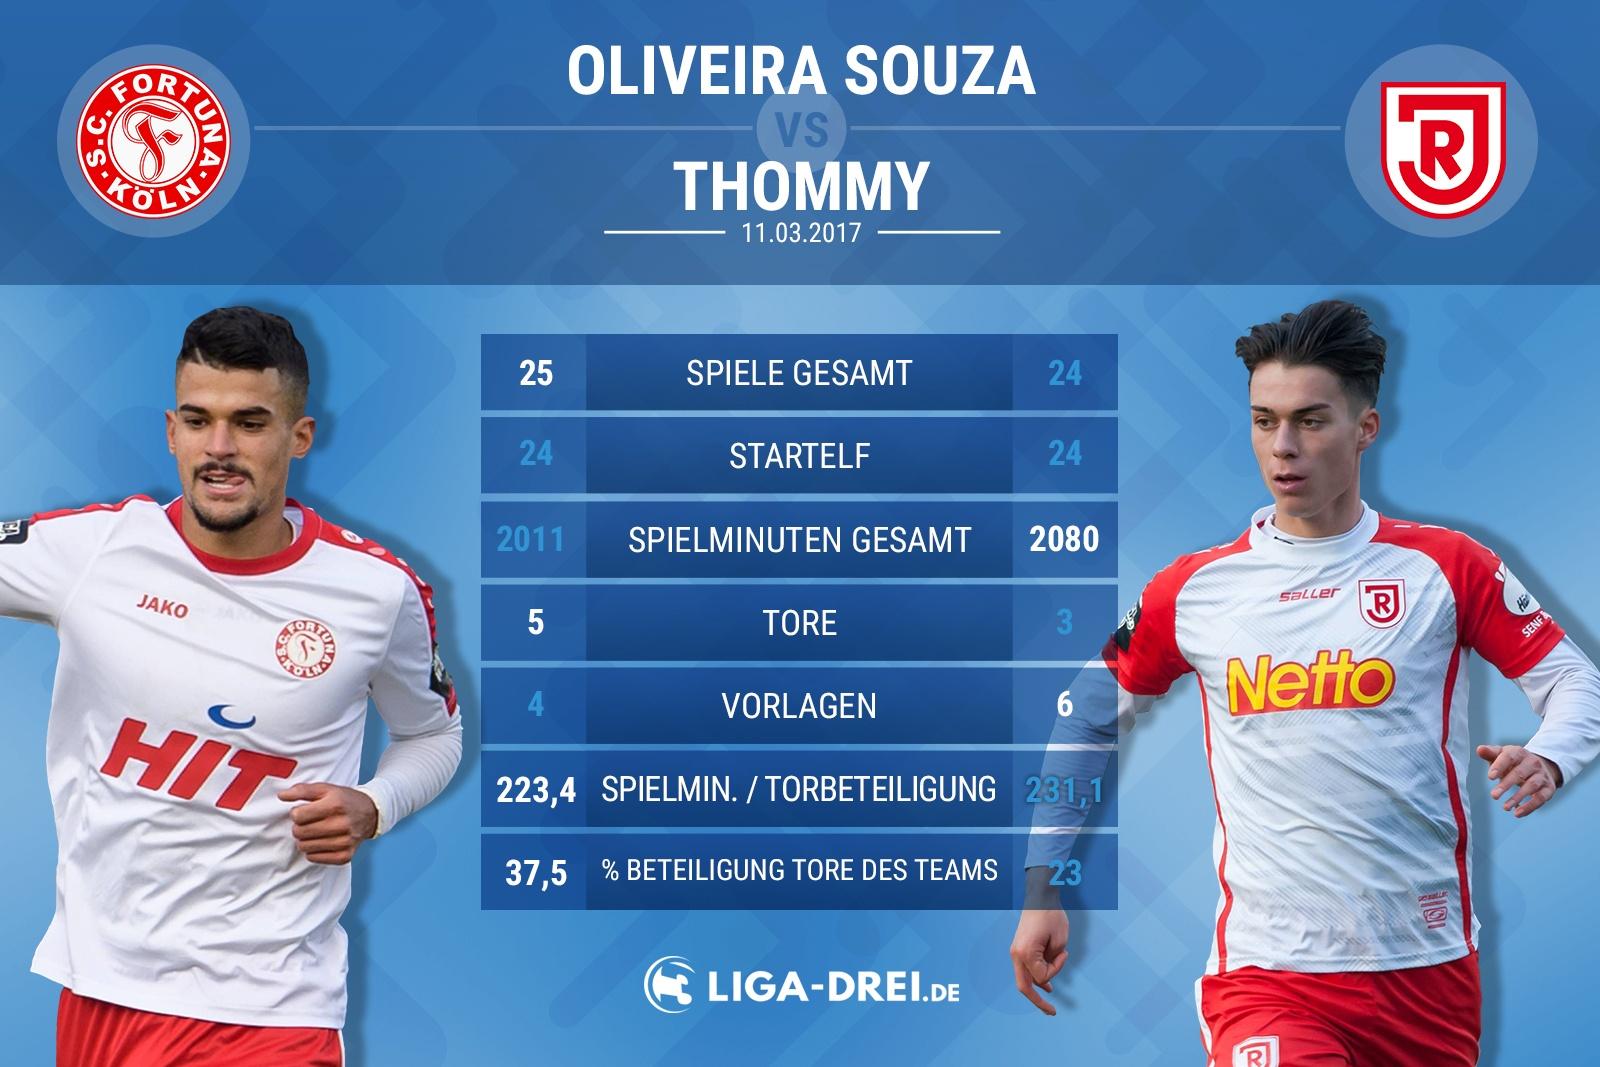 Spielervergleich von Oliveira Souza & Thommy